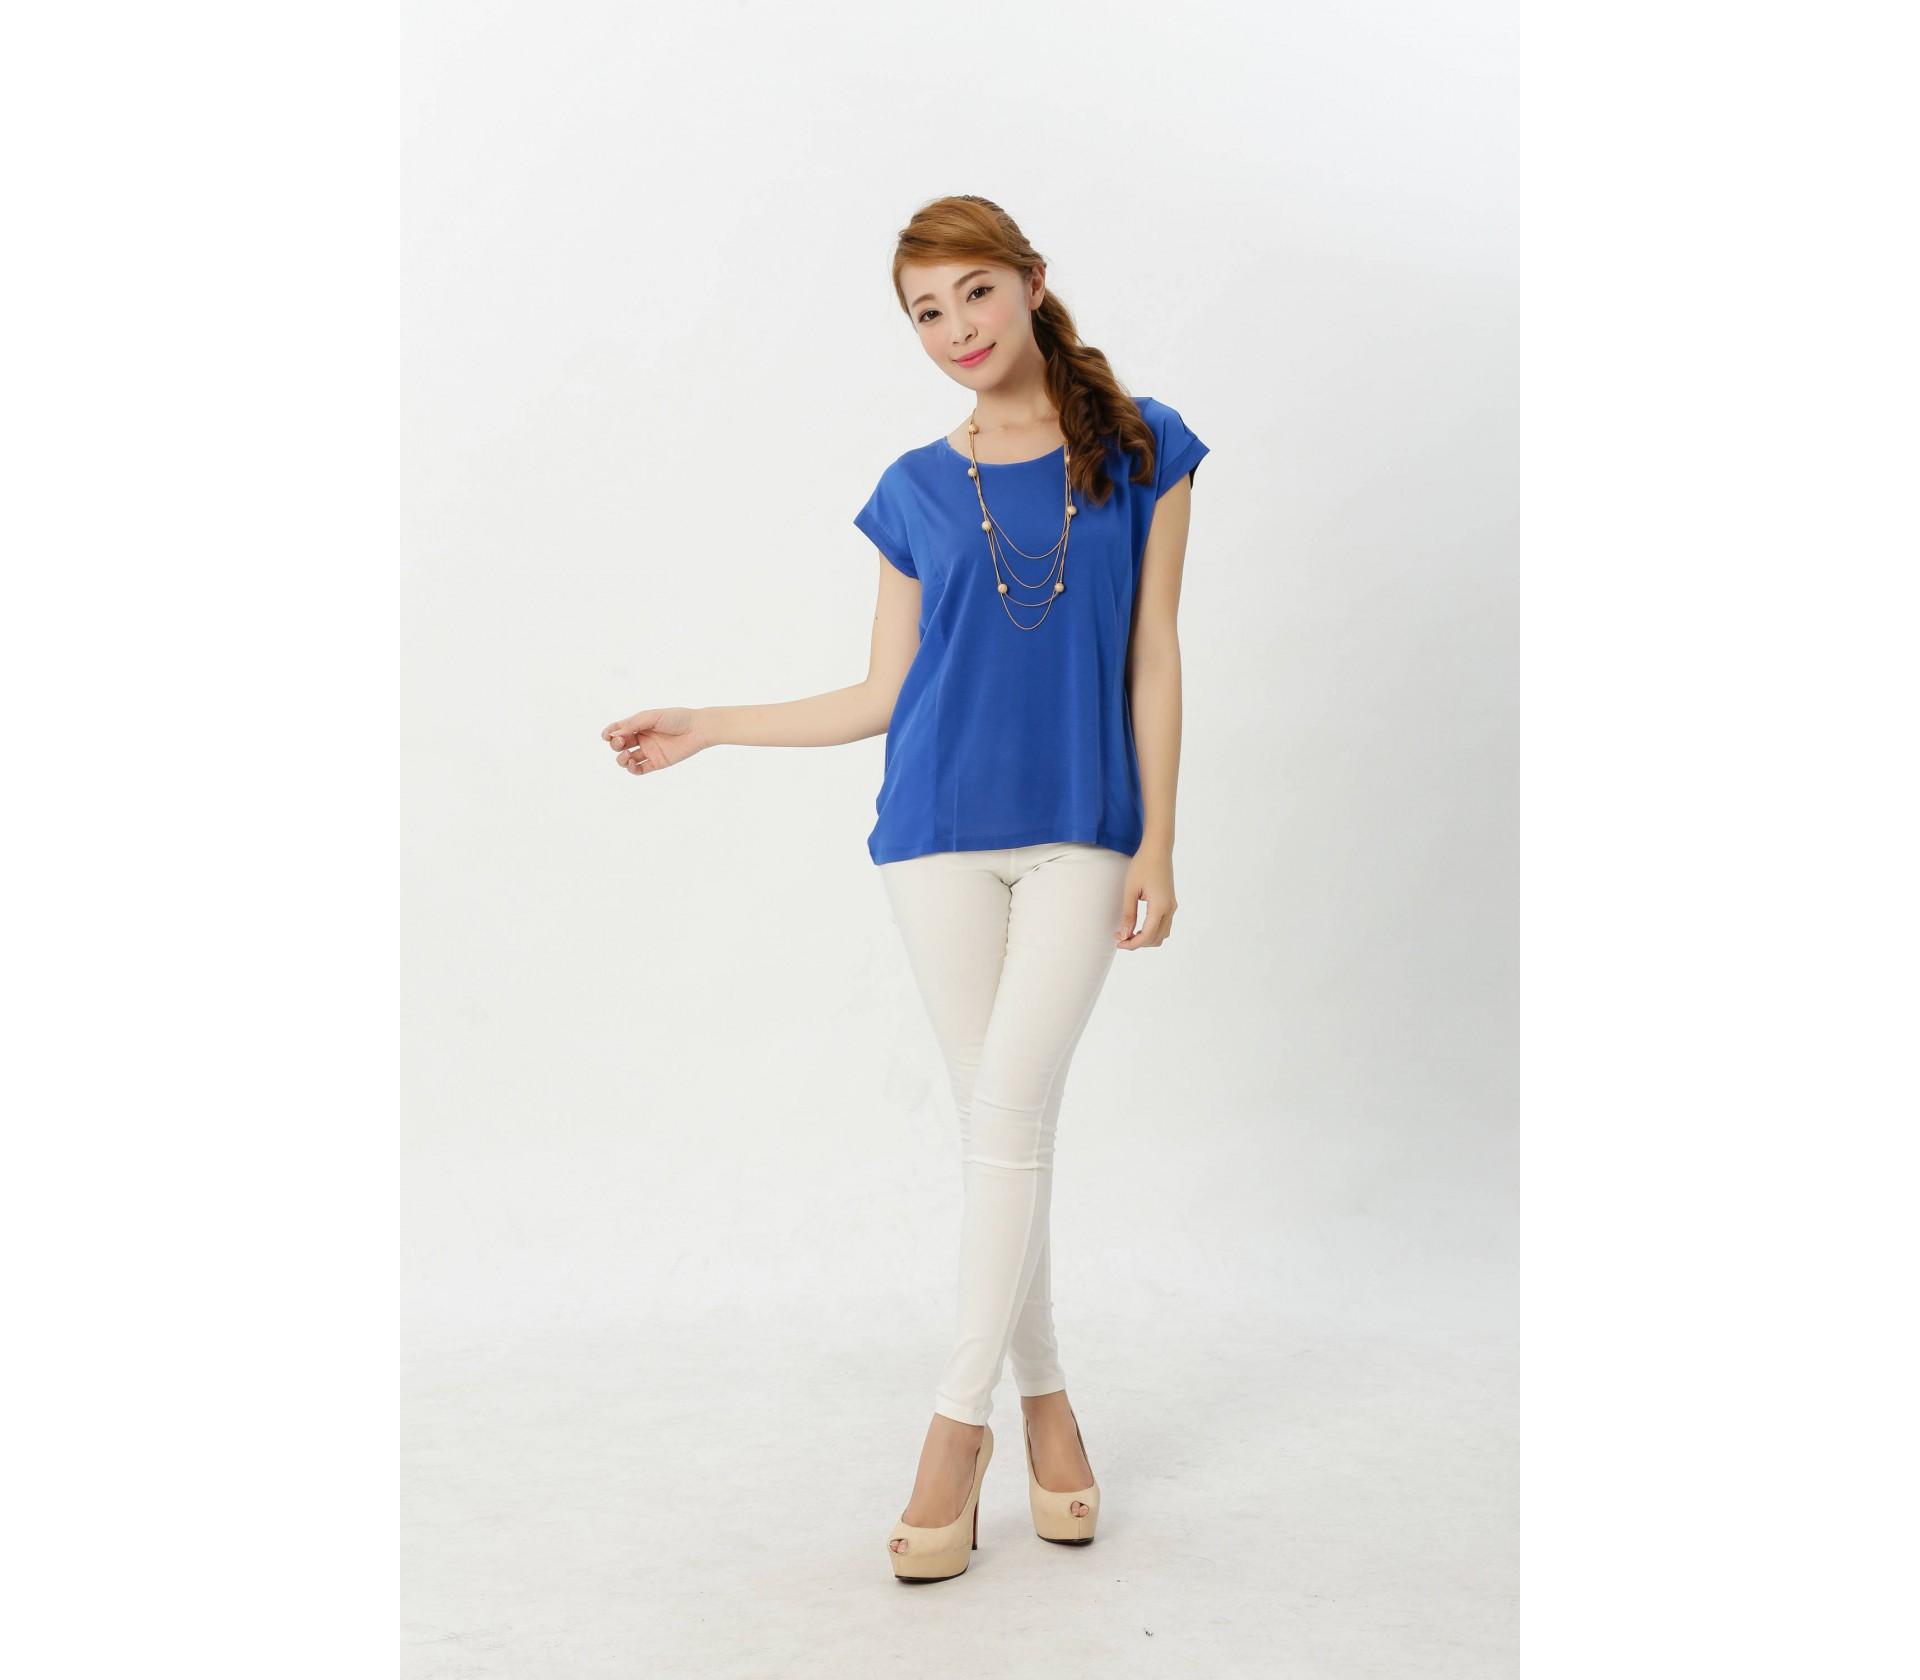 闕蘭絹精緻典雅100%蠶絲拼接雪紡上衣-916(藍)